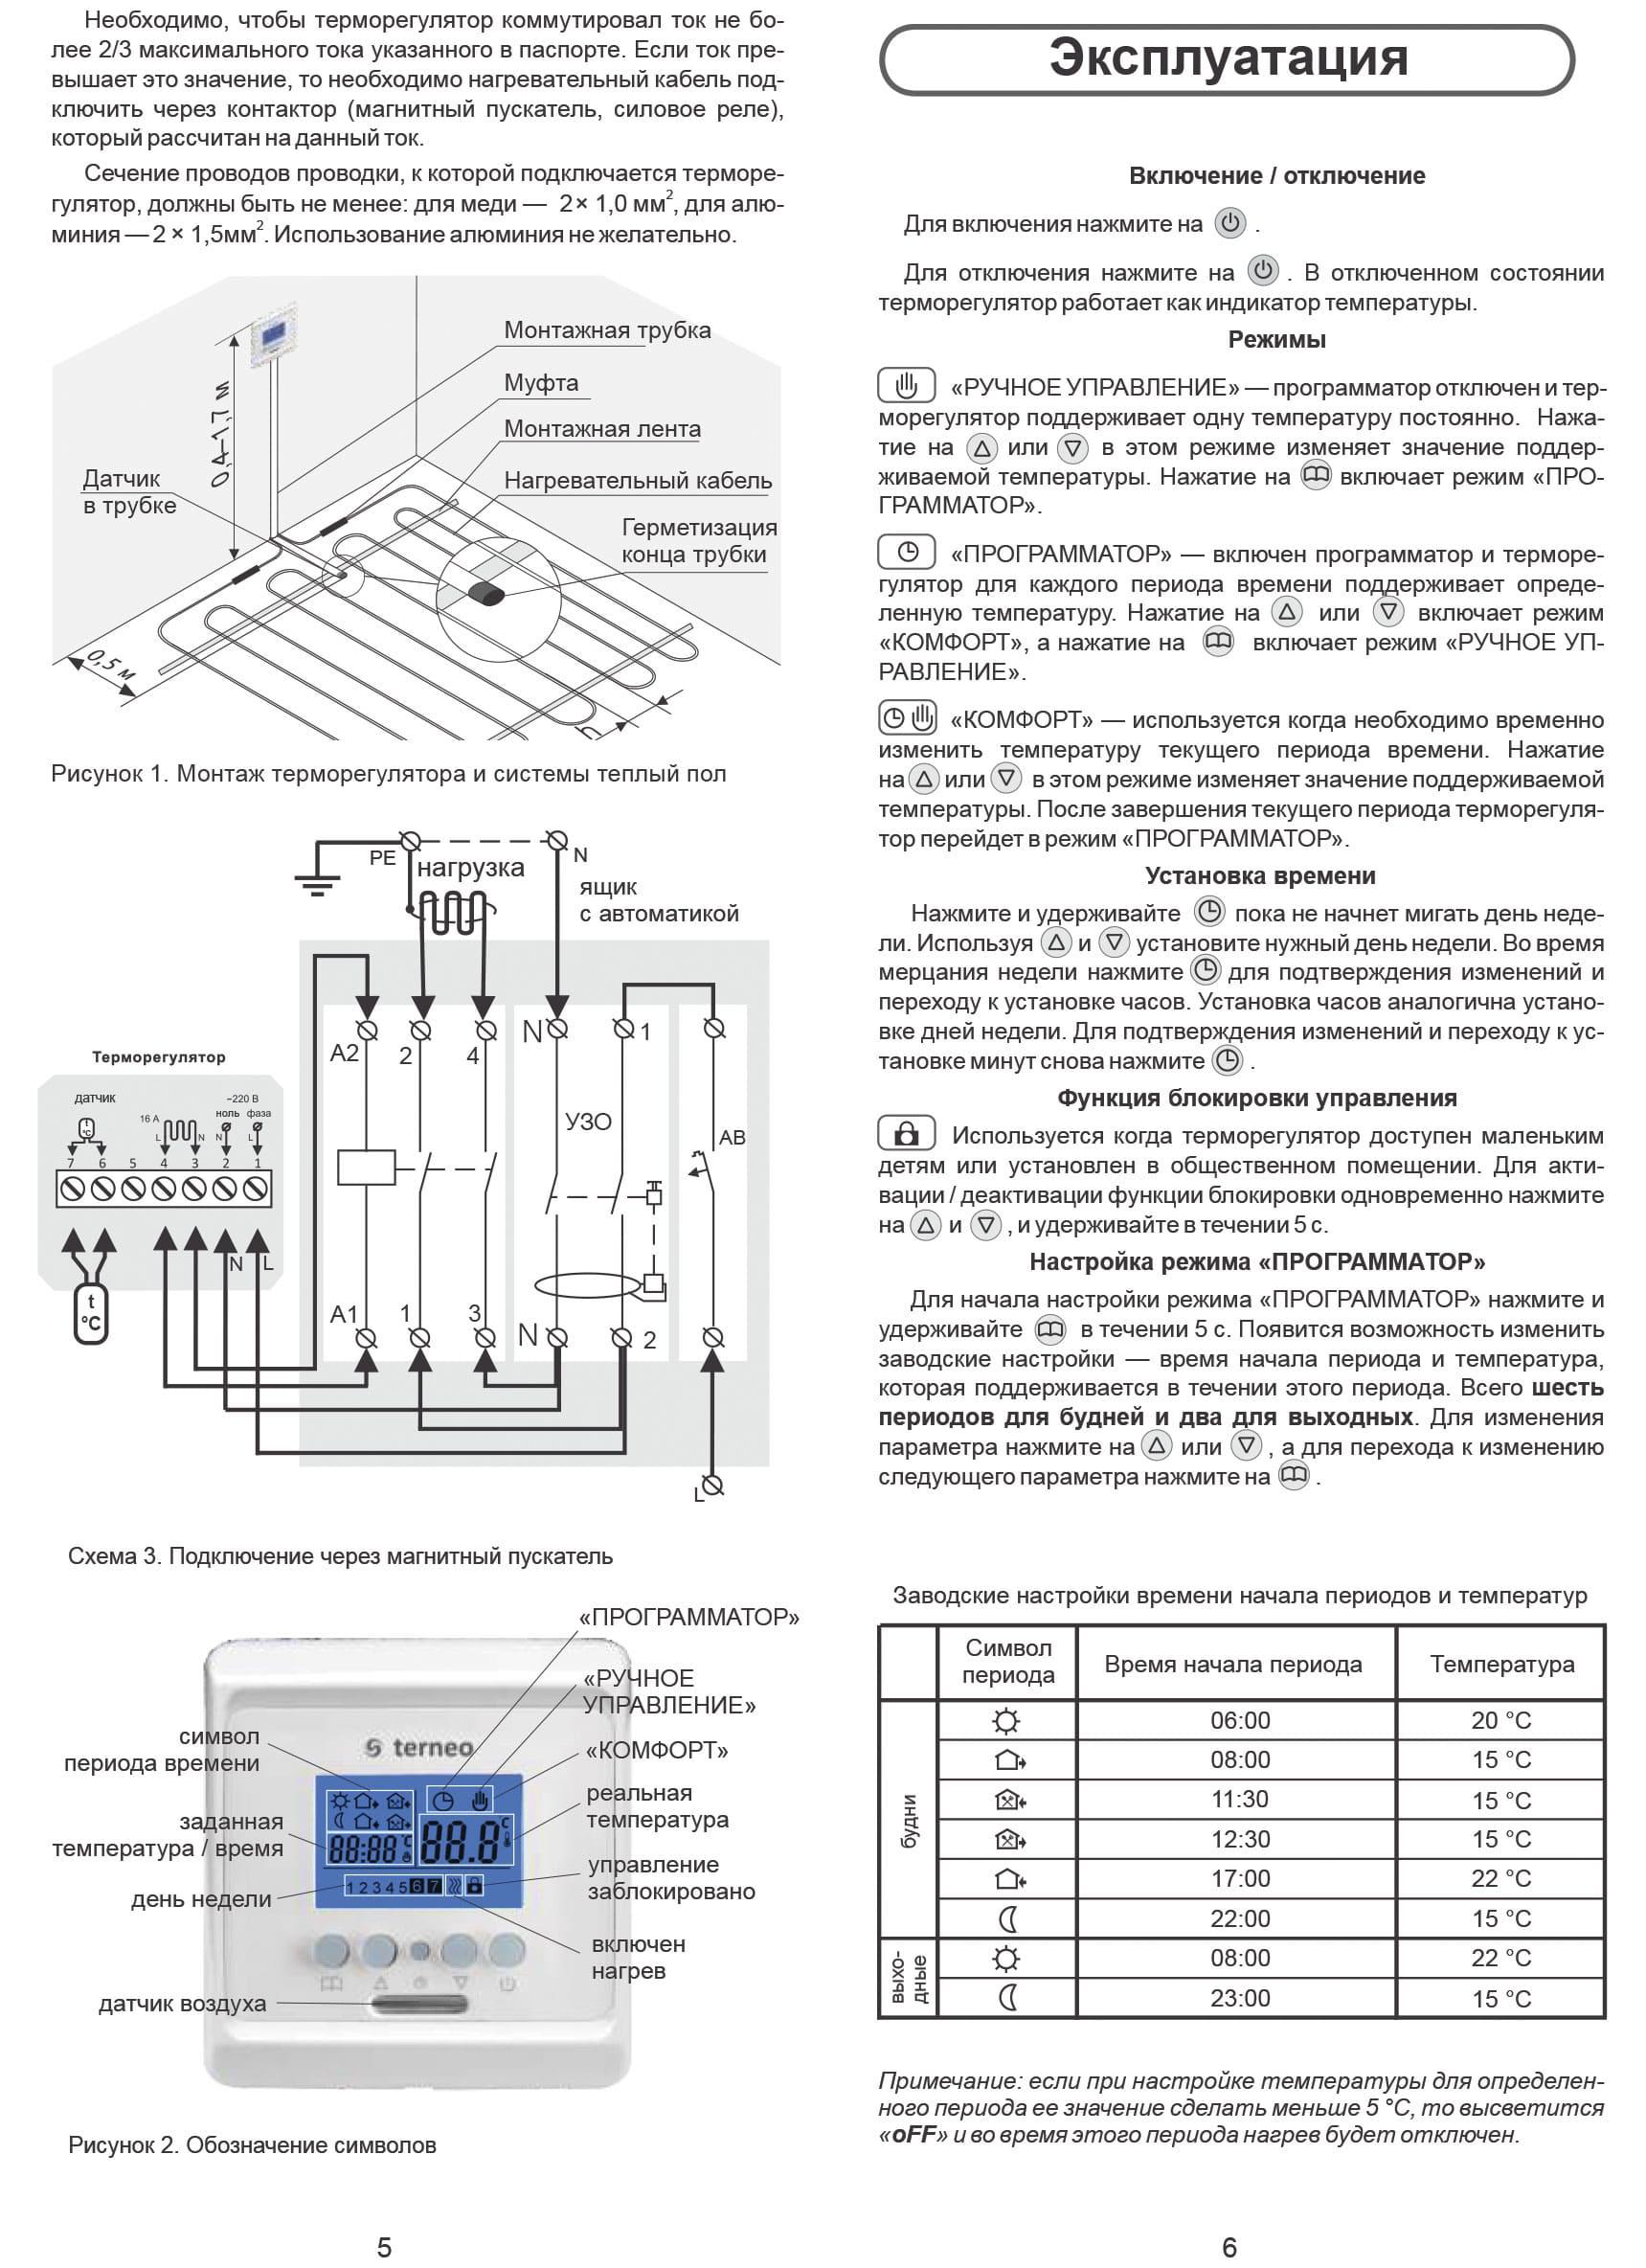 Терморегуляторы для радиаторов: какой терморегулятор можно поставить на аккумулятор?